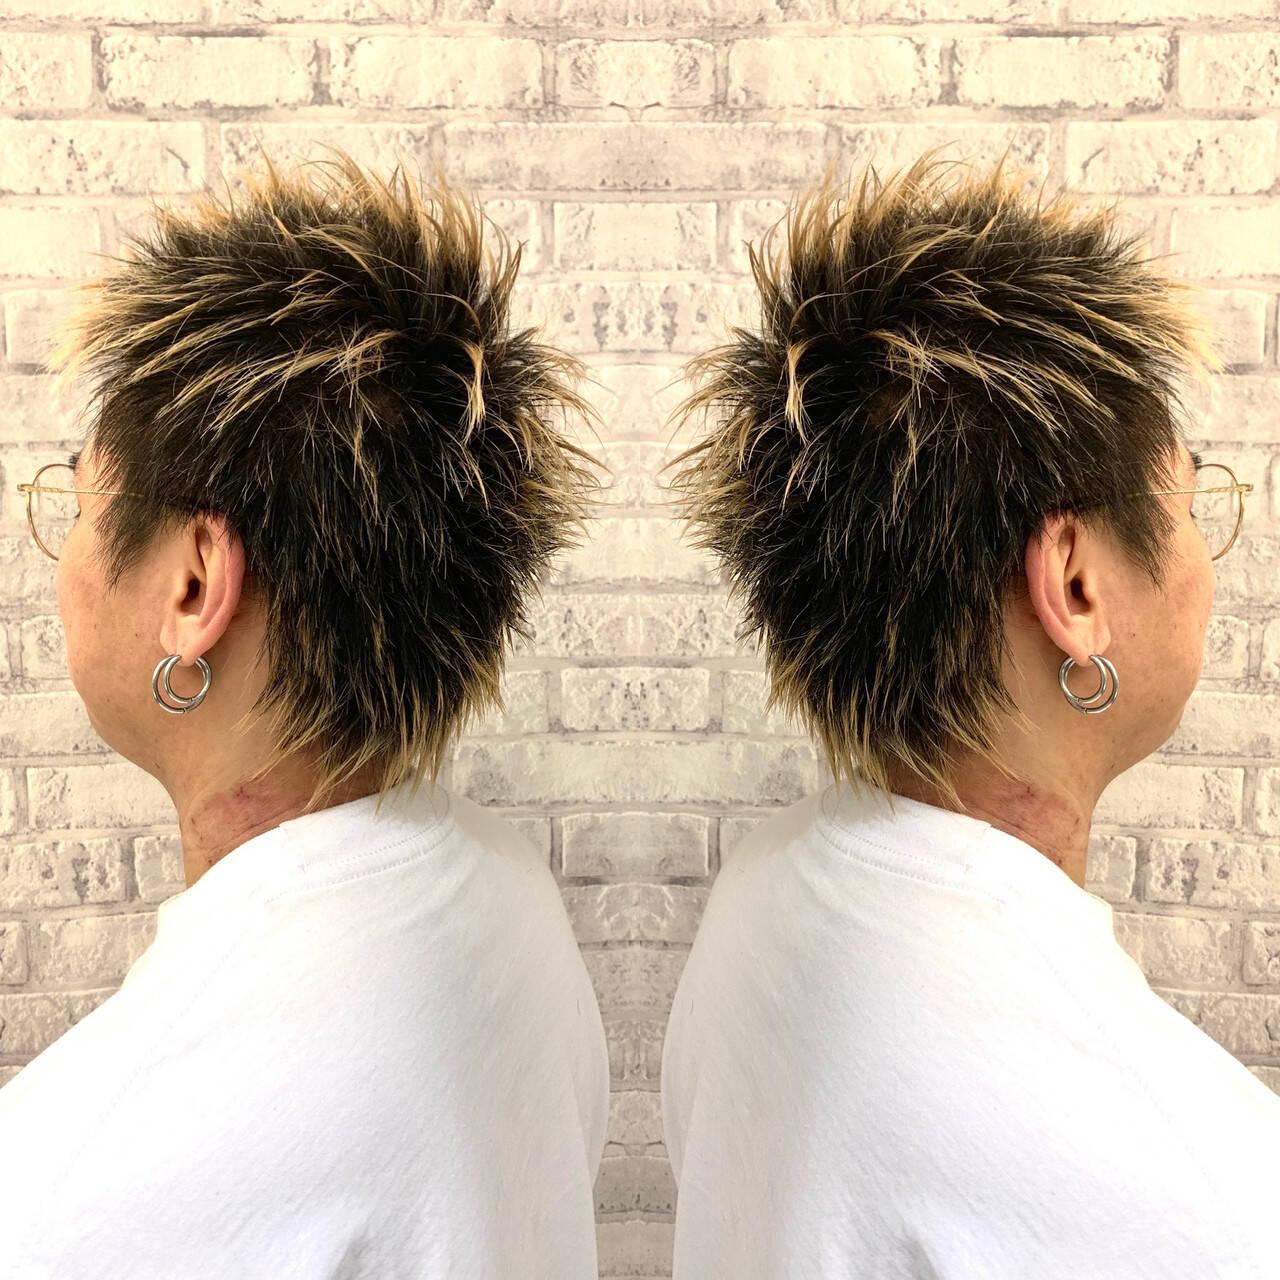 大人ハイライト ホワイトグラデーション 3Dハイライト グラデーションカラーヘアスタイルや髪型の写真・画像